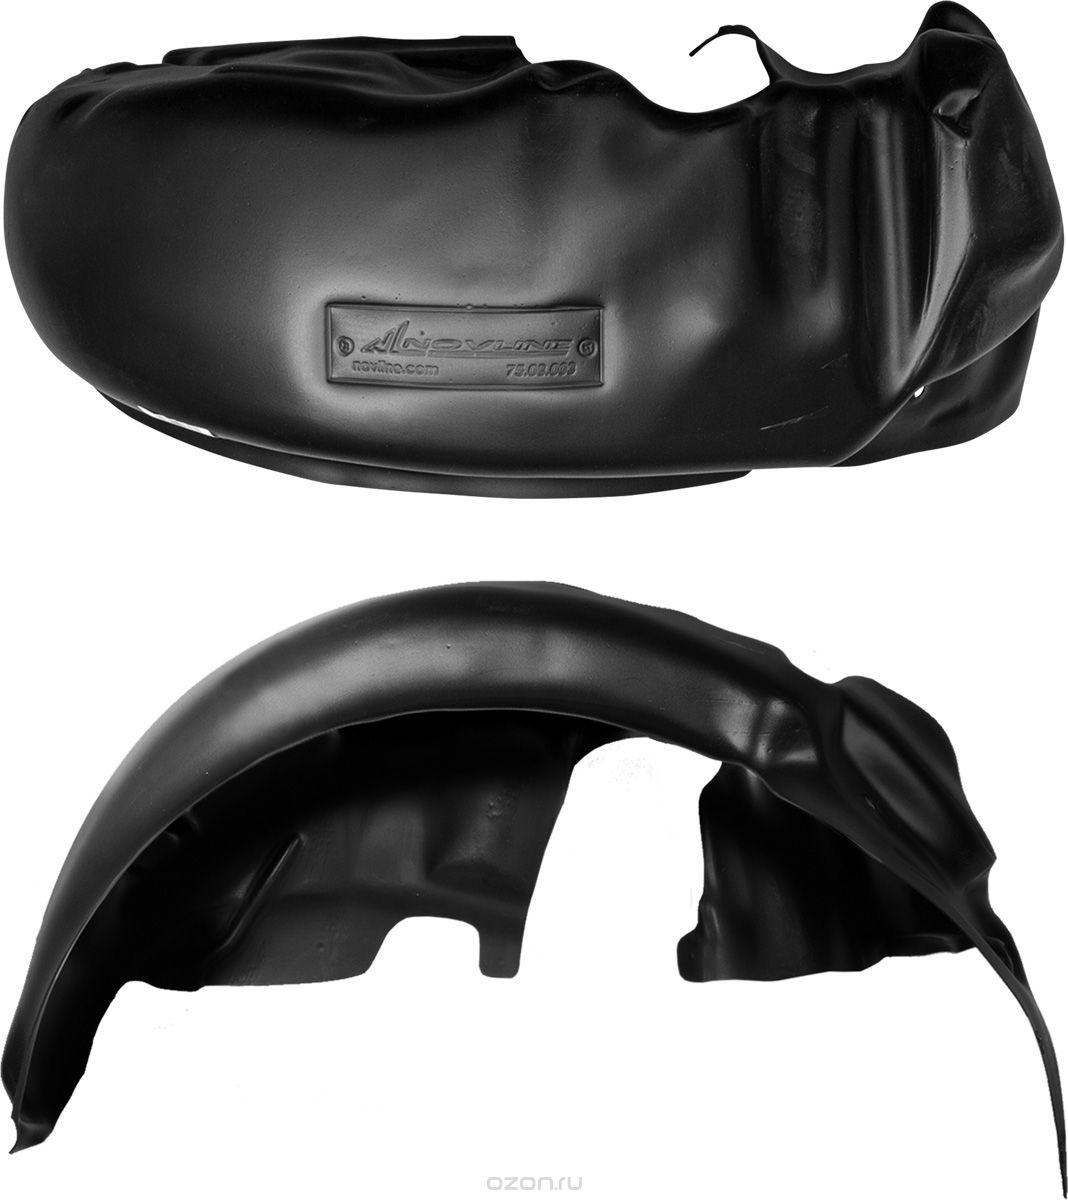 Подкрылок Novline-Autofamily, для DAEWOO Matiz 2005->, передний левый001901Идеальная защита колесной ниши. Локеры разработаны с применением цифровых технологий, гарантируют максимальную повторяемость поверхности арки. Изделия устанавливаются без нарушения лакокрасочного покрытия автомобиля, каждый подкрылок комплектуется крепежом. Уважаемые клиенты, обращаем ваше внимание, что фотографии на подкрылки универсальные и не отражают реальную форму изделия. При этом само изделие идет точно под размер указанного автомобиля.